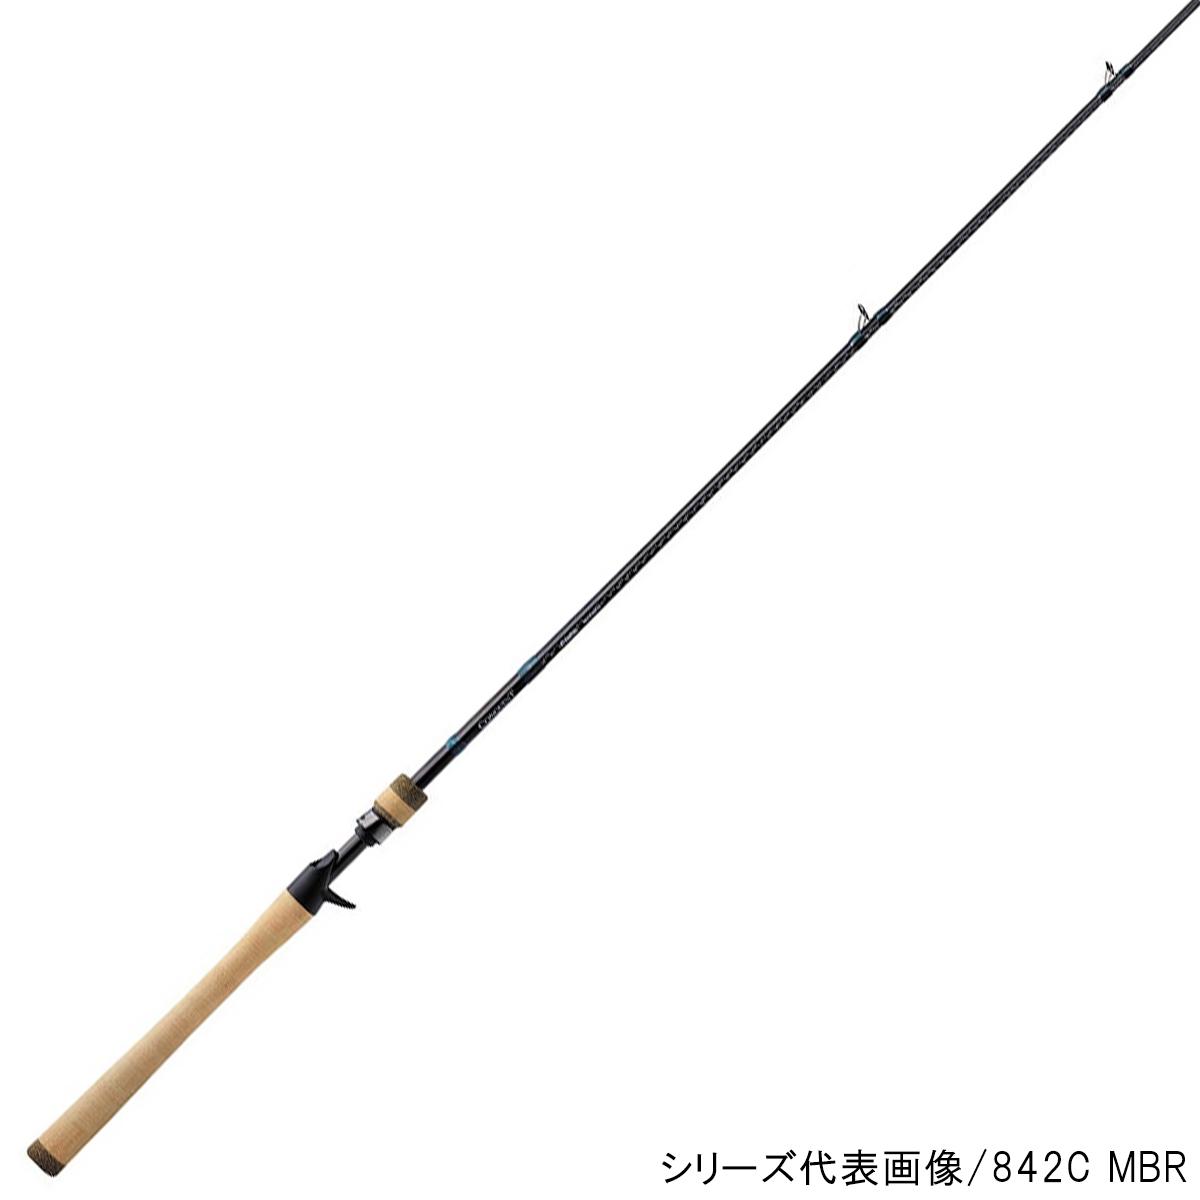 シマノ コンクエスト(ベイト) 905C MBR【大型商品】